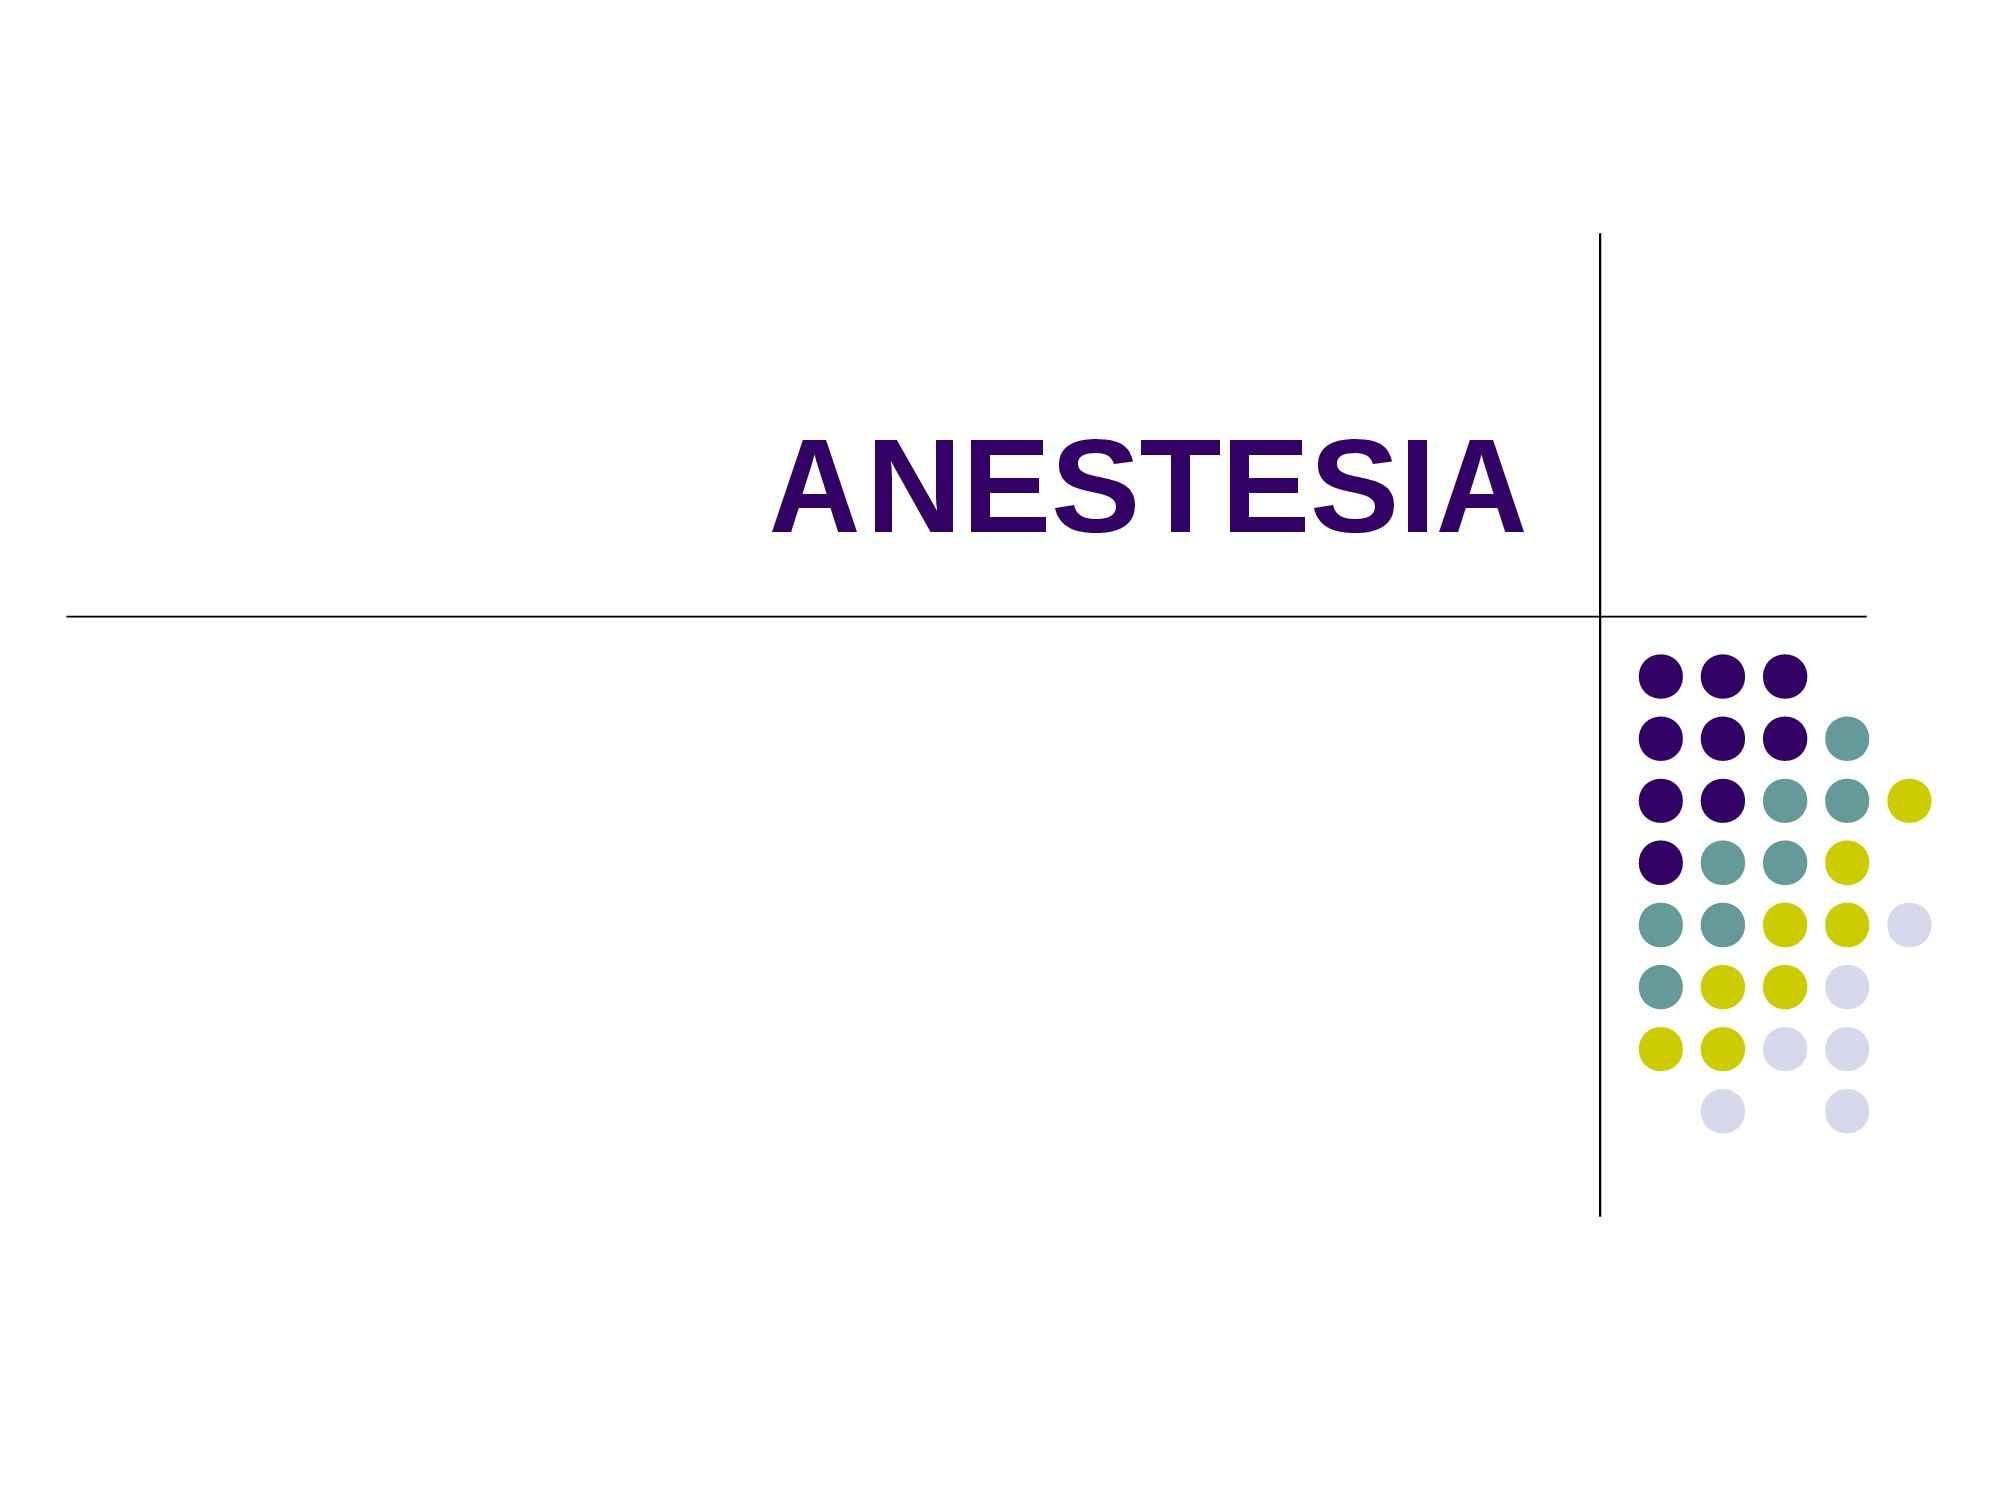 Anestesia - Prassi medica e farmaceutica